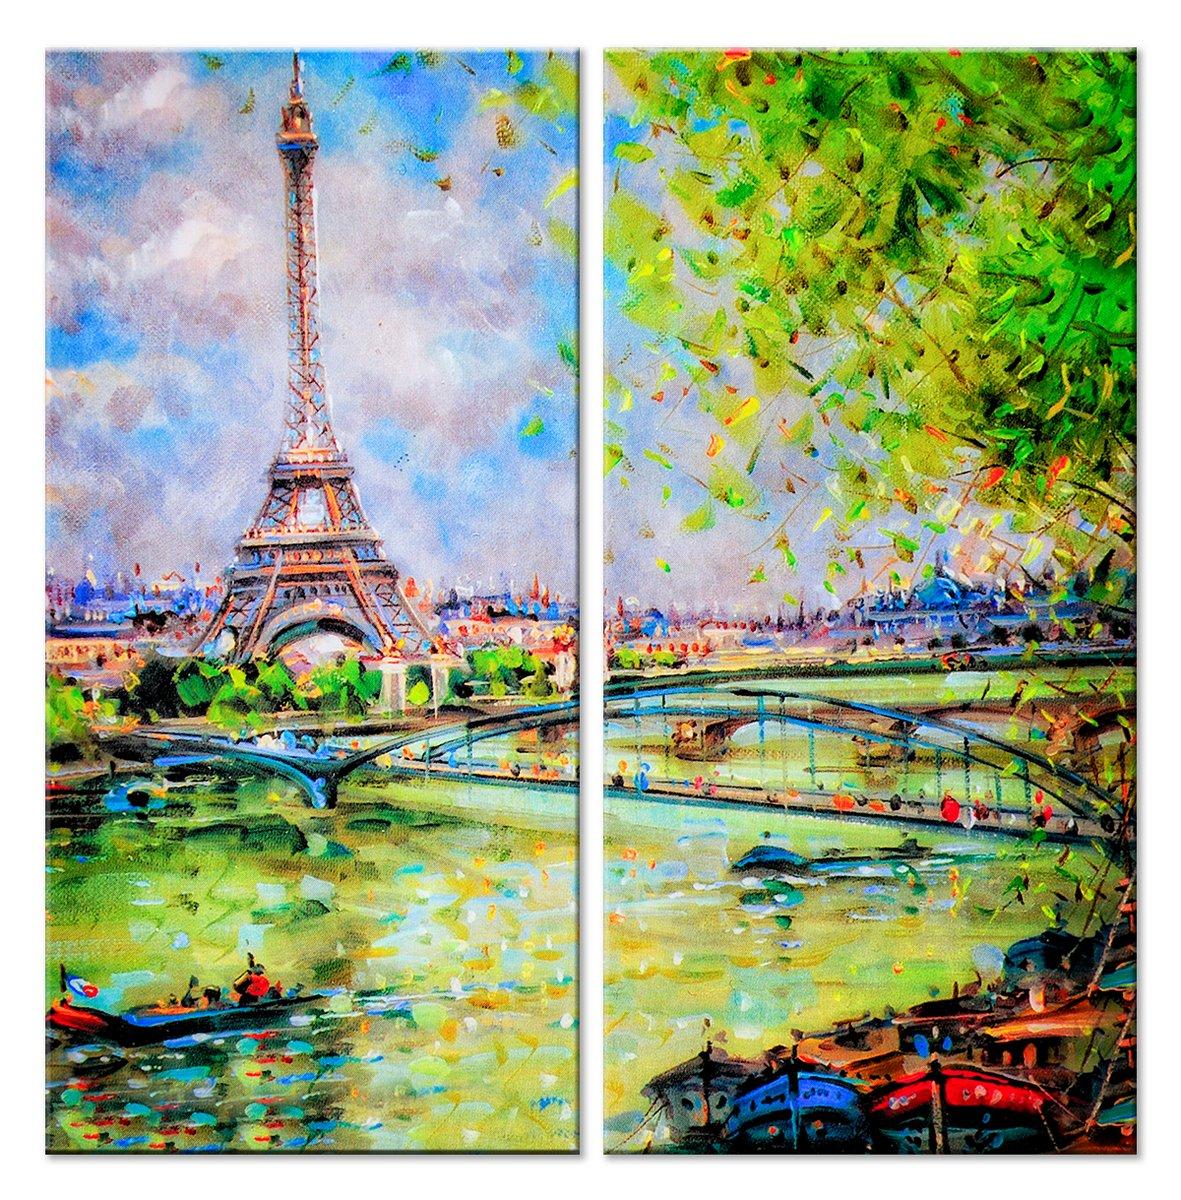 Модульная картина «Весенний Париж»Города<br>Модульная картина на натуральном холсте и деревянном подрамнике. Подвес в комплекте. Трехслойная надежная упаковка. Доставим в любую точку России. Вам осталось только повесить картину на стену!<br>